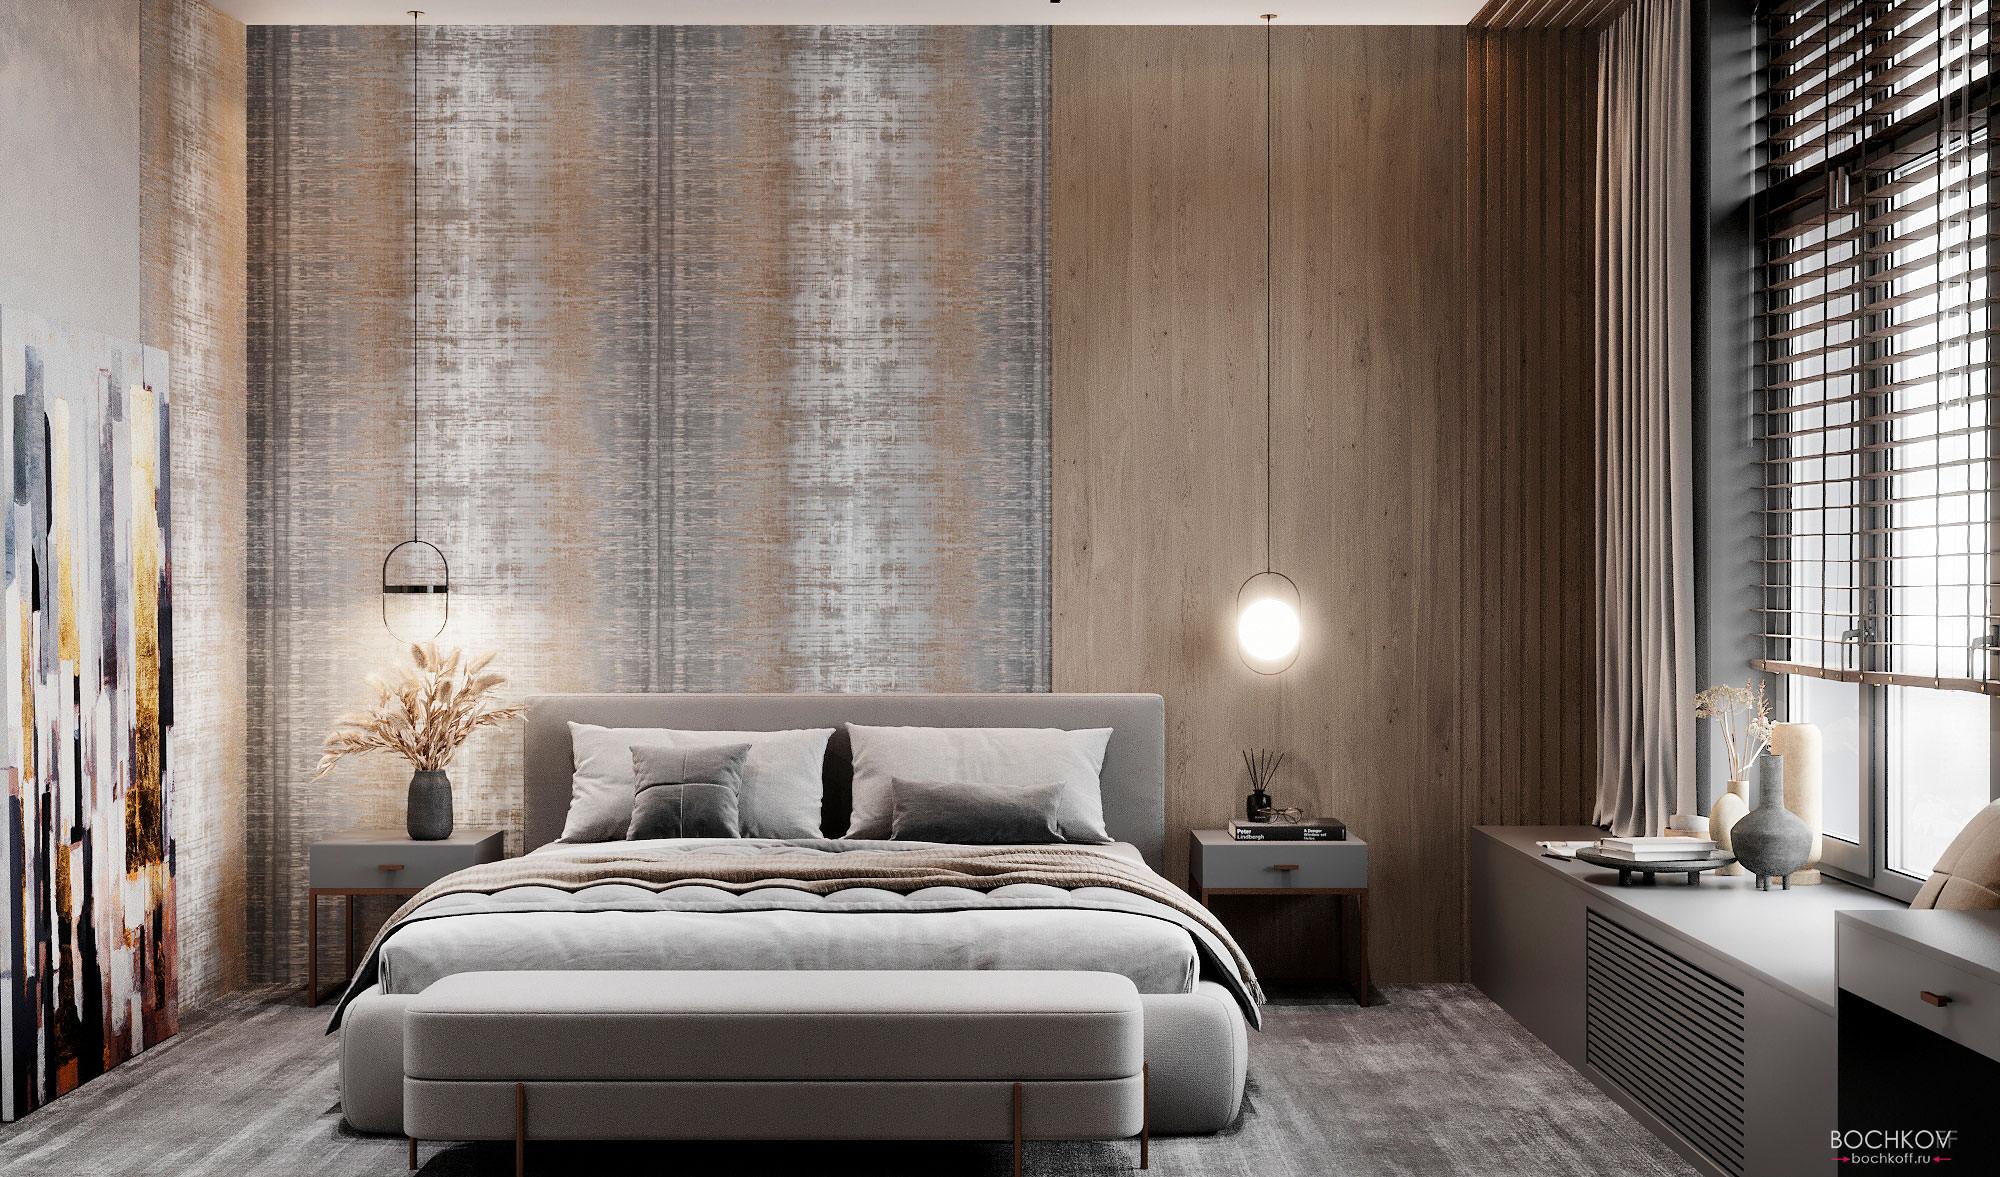 Спальная комната, вид 2, КД Ривьера